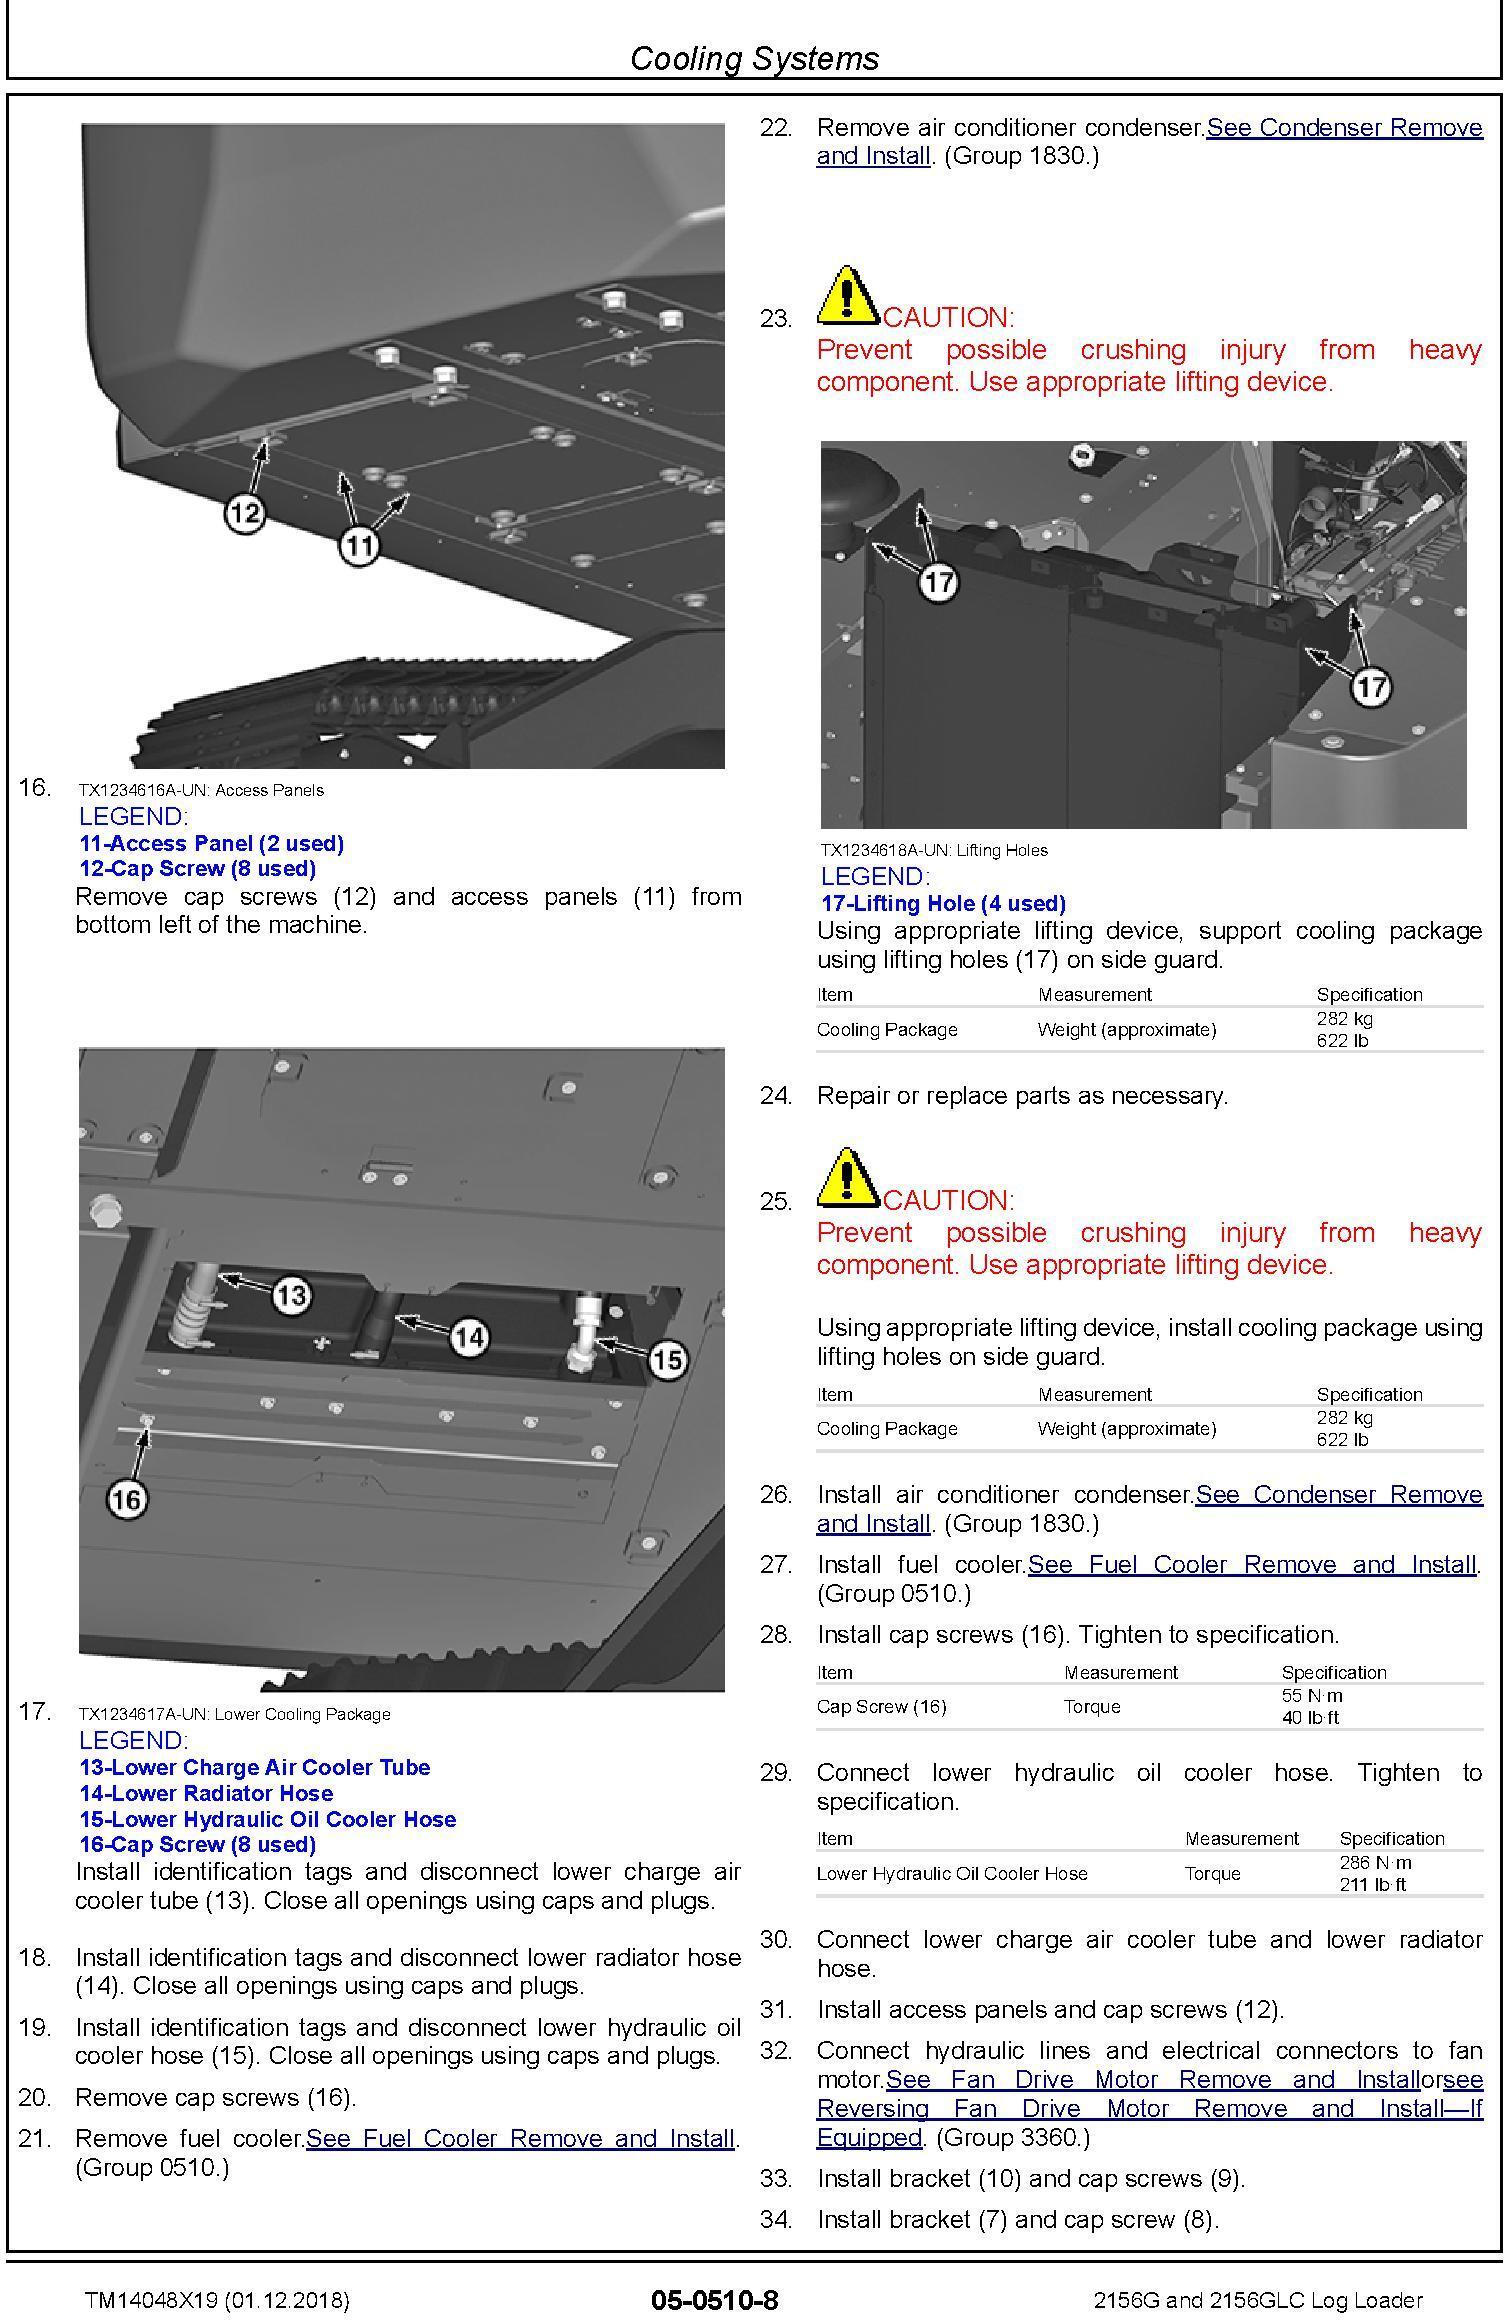 John Deere 2156G, 2156GLC (SN. C216001-, D216001) Log Loader Repair Technical Manual (TM14048X19) - 3